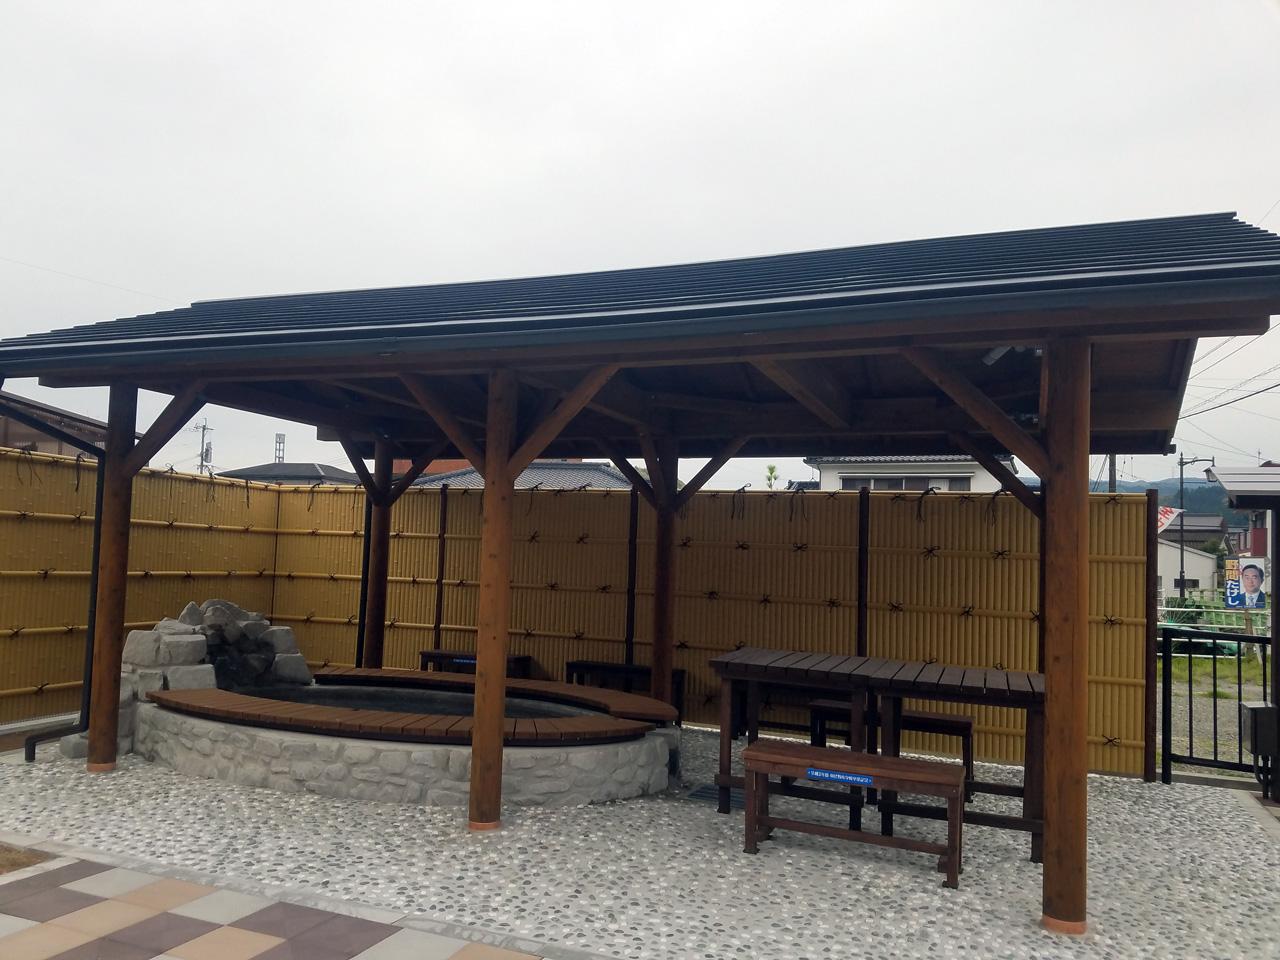 足湯付きの公園「市比野温泉ポケットパーク」が完成しました。